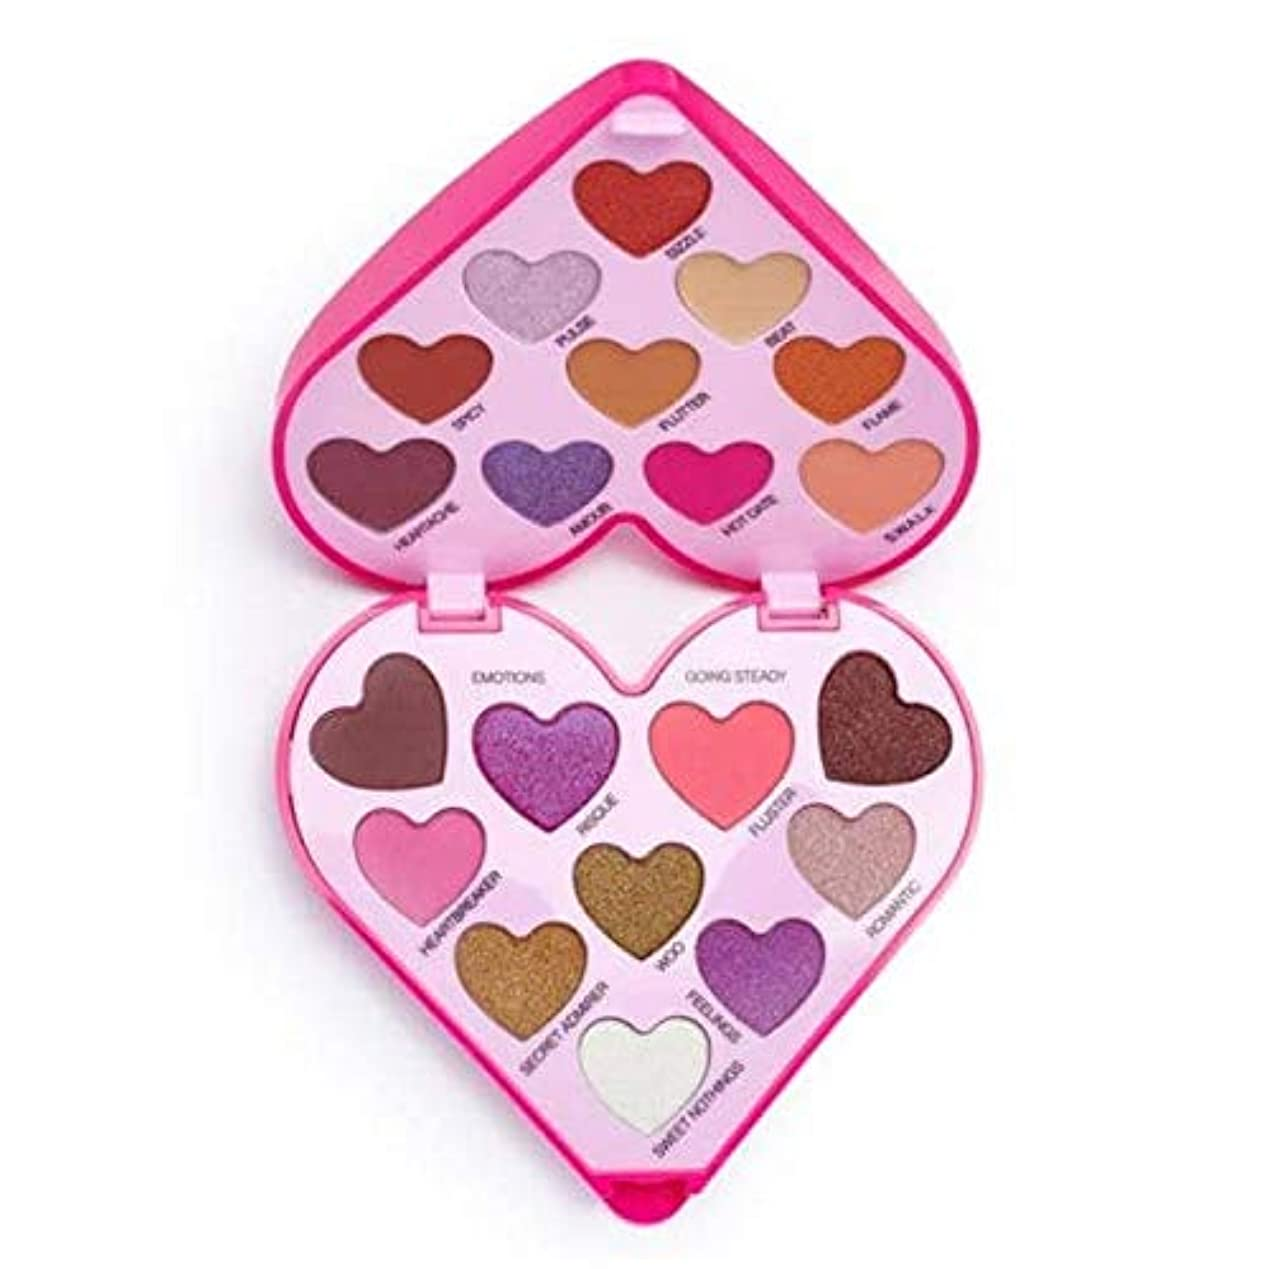 有効な臭い撃退する[I Heart Revolution ] 私は心の革命のハートビートアイシャドウパレット - I Heart Revolution Heartbeat Eye Shadow Palette [並行輸入品]